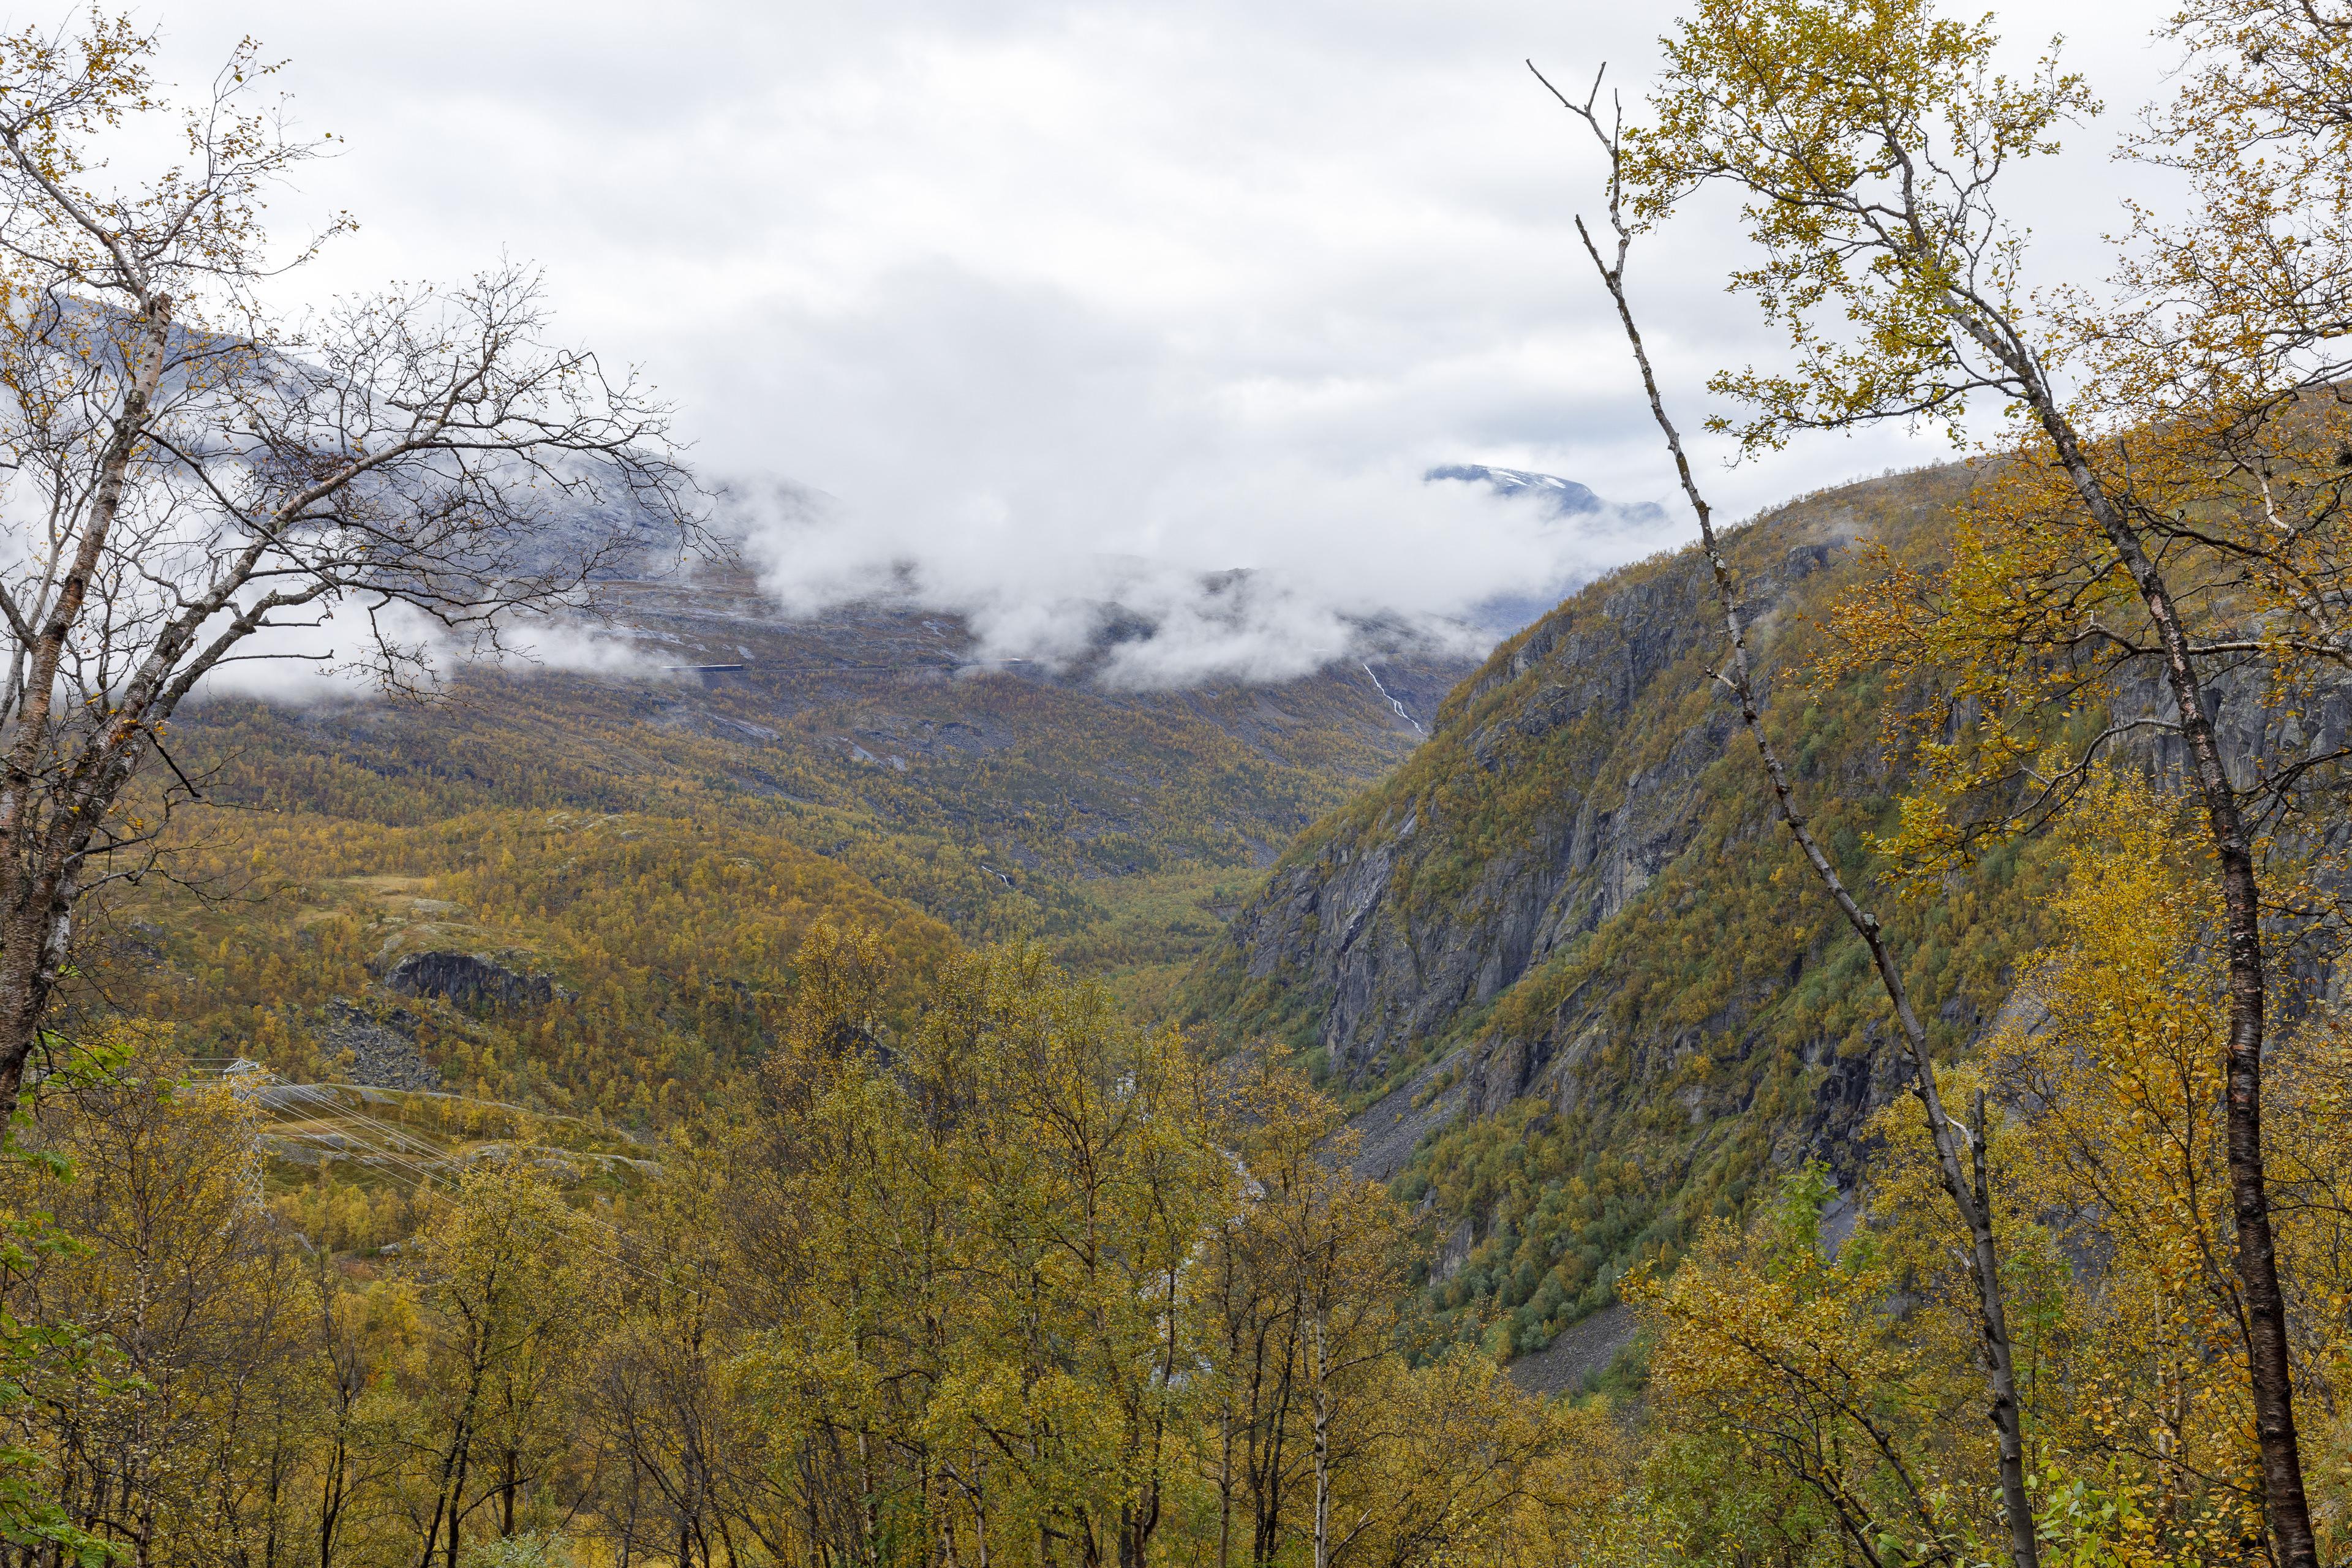 Norddalen und Ofotbanen,©Markus Proske—Canon EOS 5D Mark IV, EF16-35mm f/4L IS USM, 35mm, 1/80s, Blende 11, ISO 400